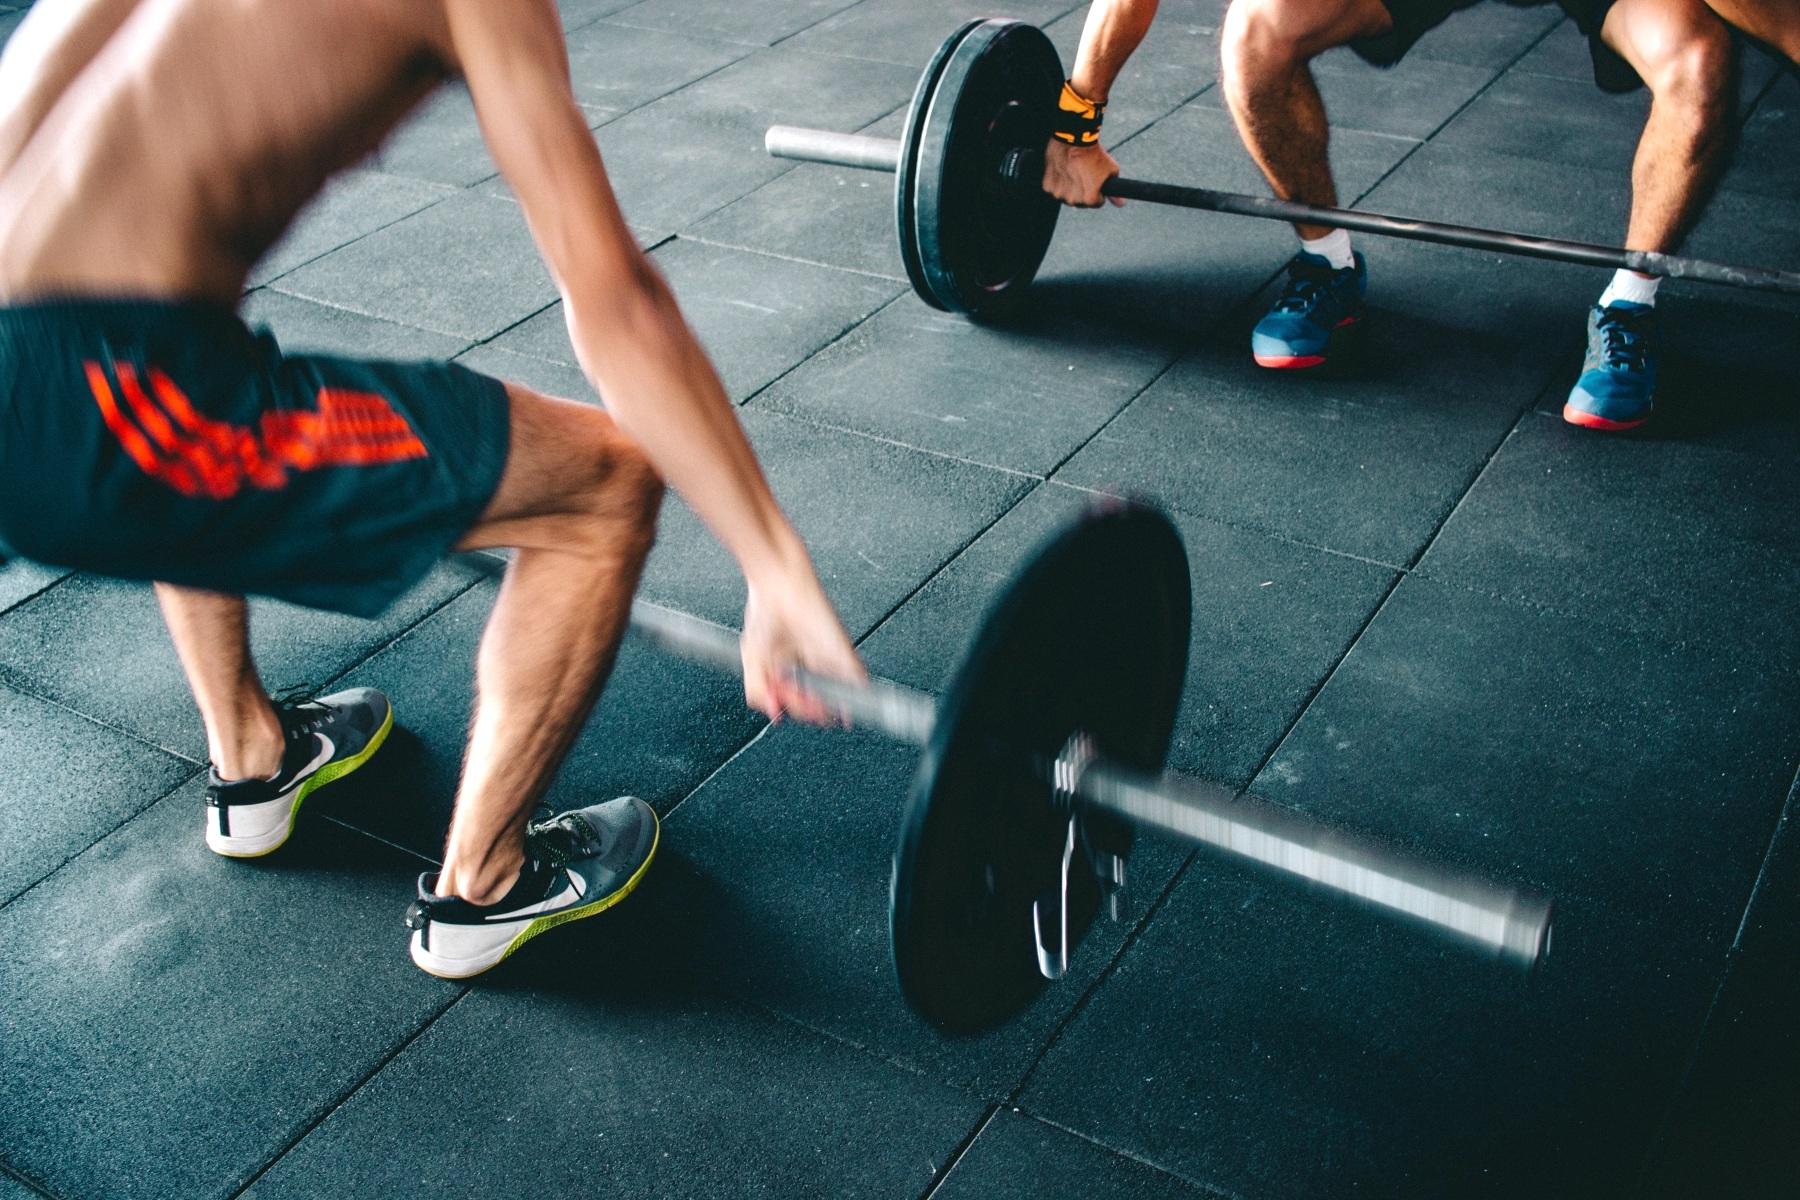 【台南單次健身房推薦】享受高度自由的運動方式,5間台南計次收費健身房大評比